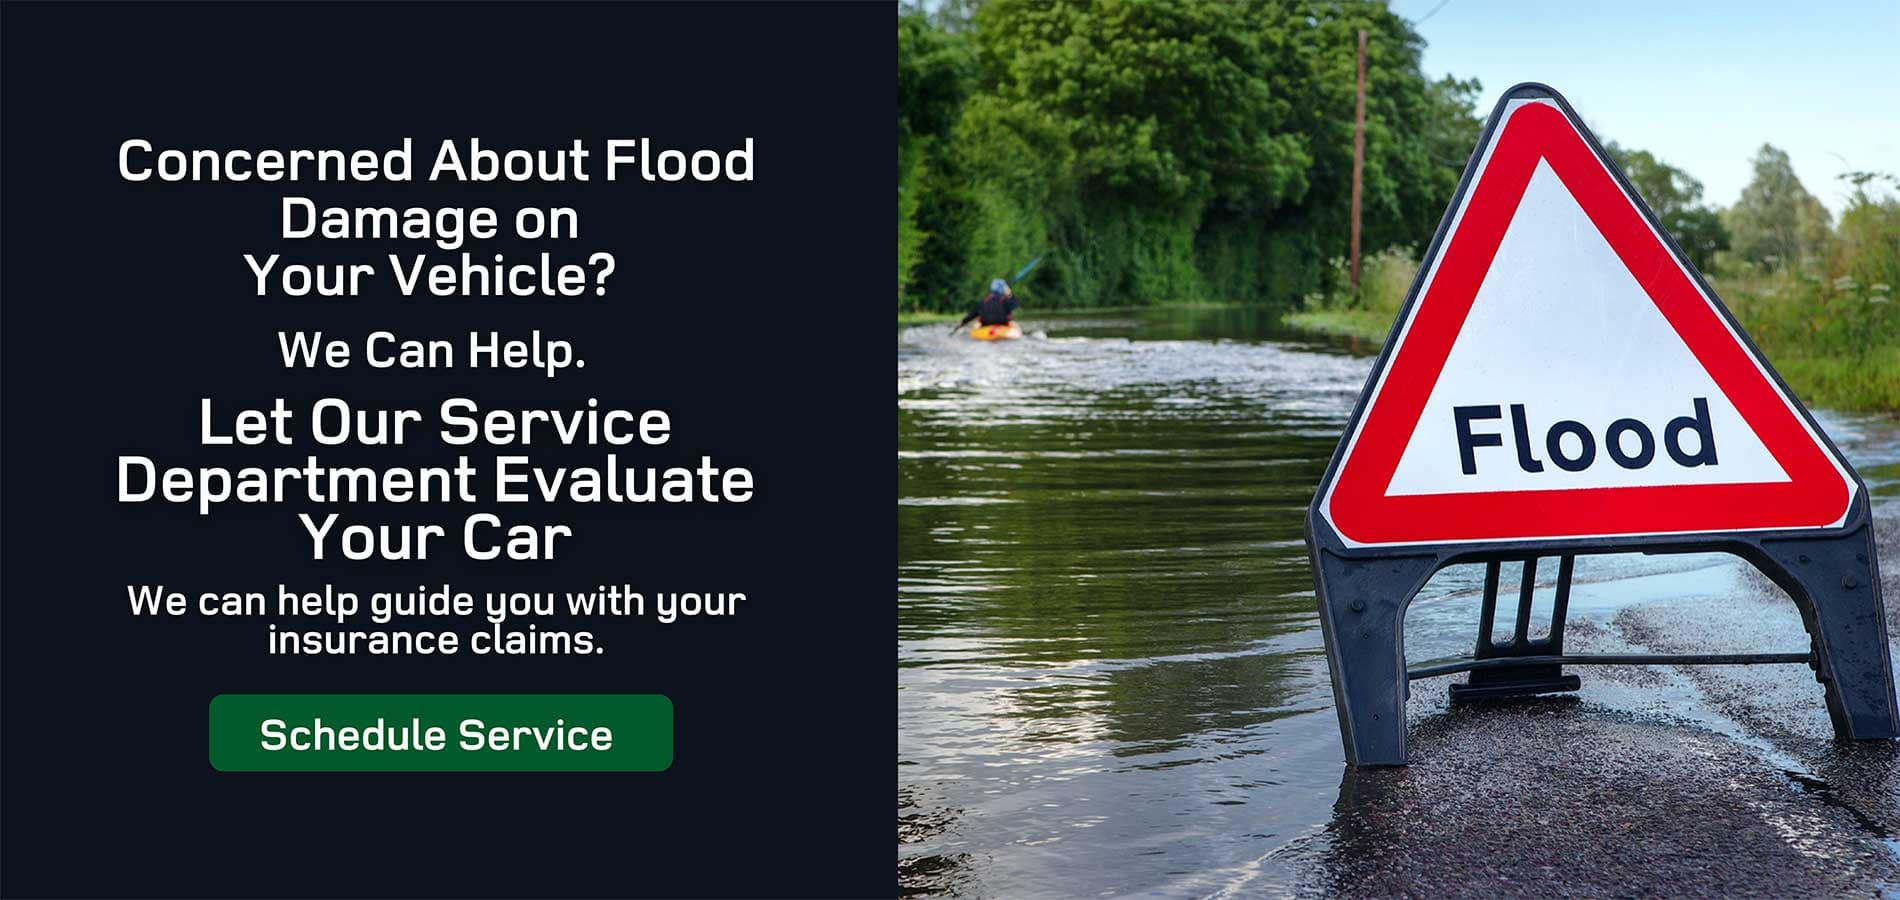 Land-Rover-Flood-Damage-Slider